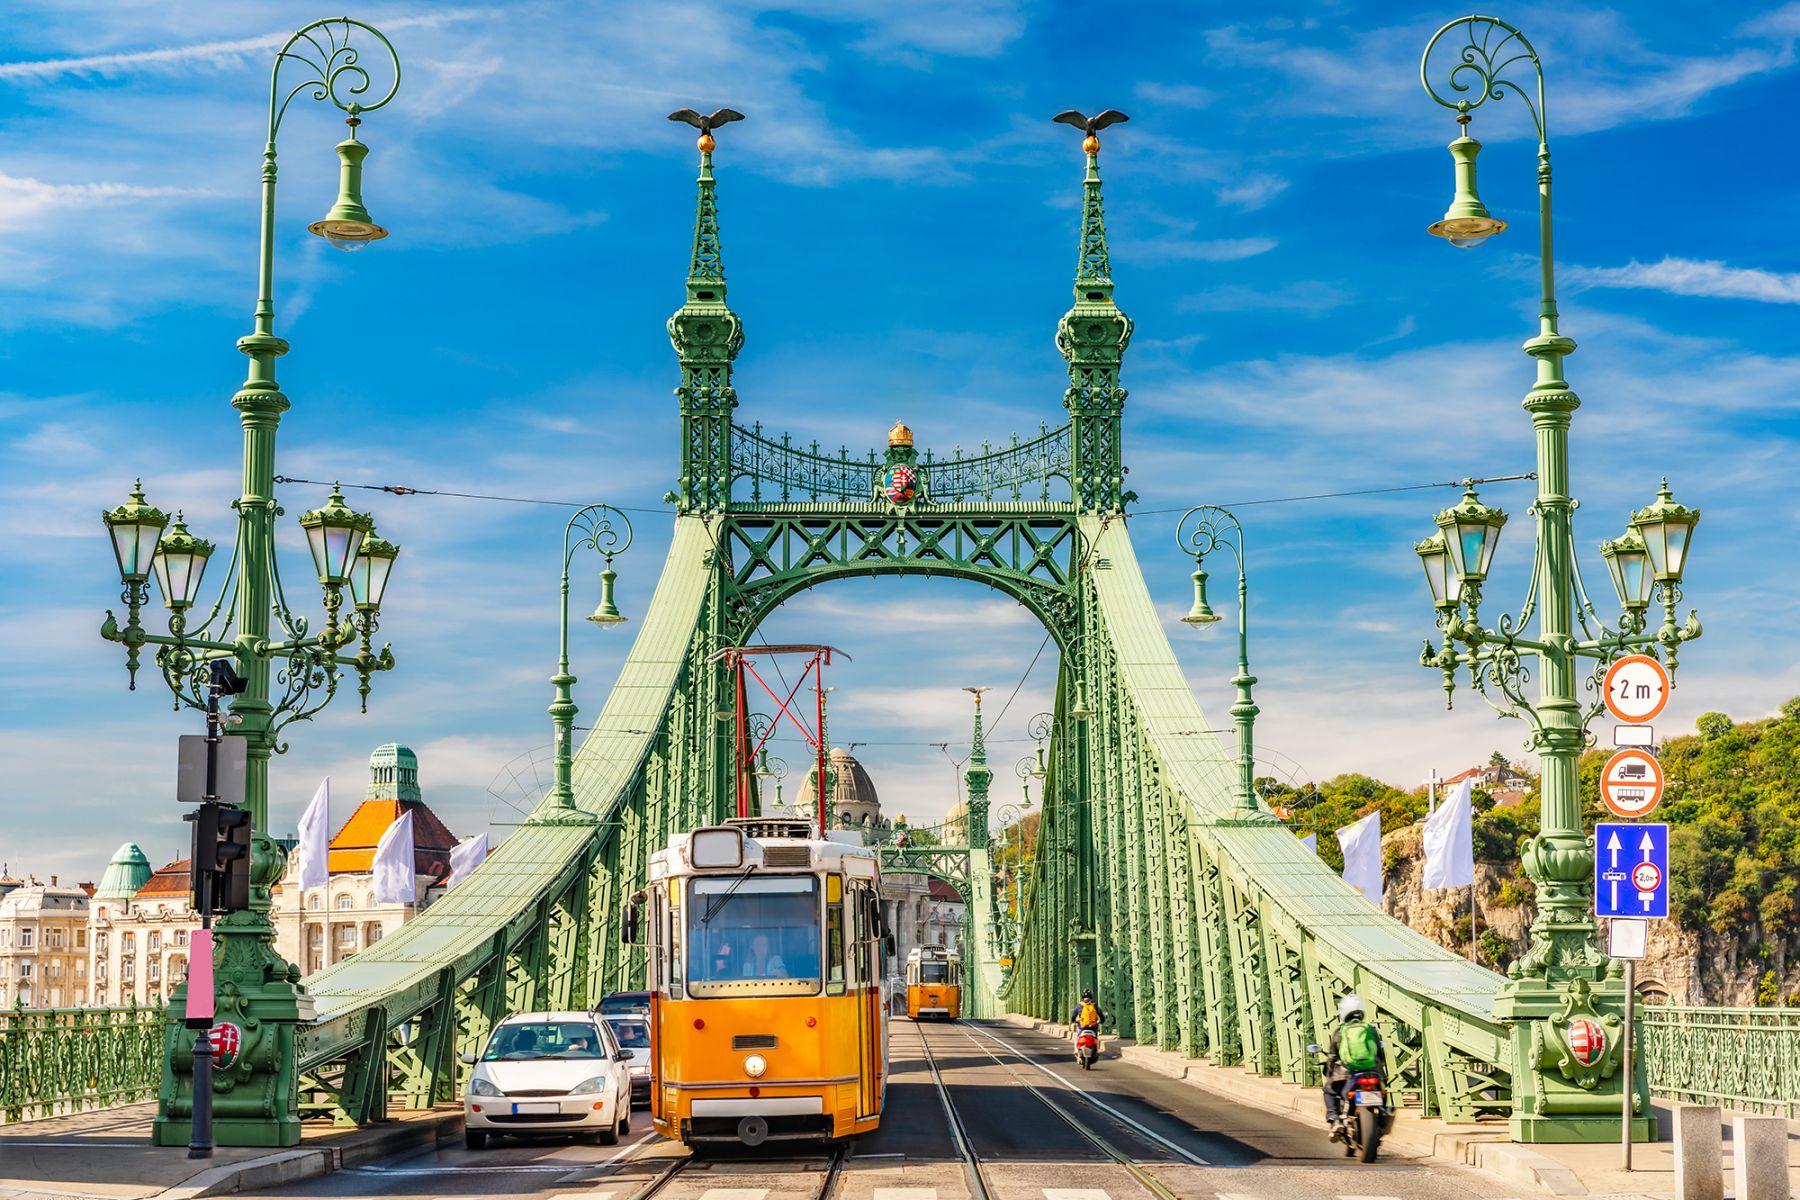 De vrijheidsbrug met een gele tram | credit: Marc_Osborne (iStock)